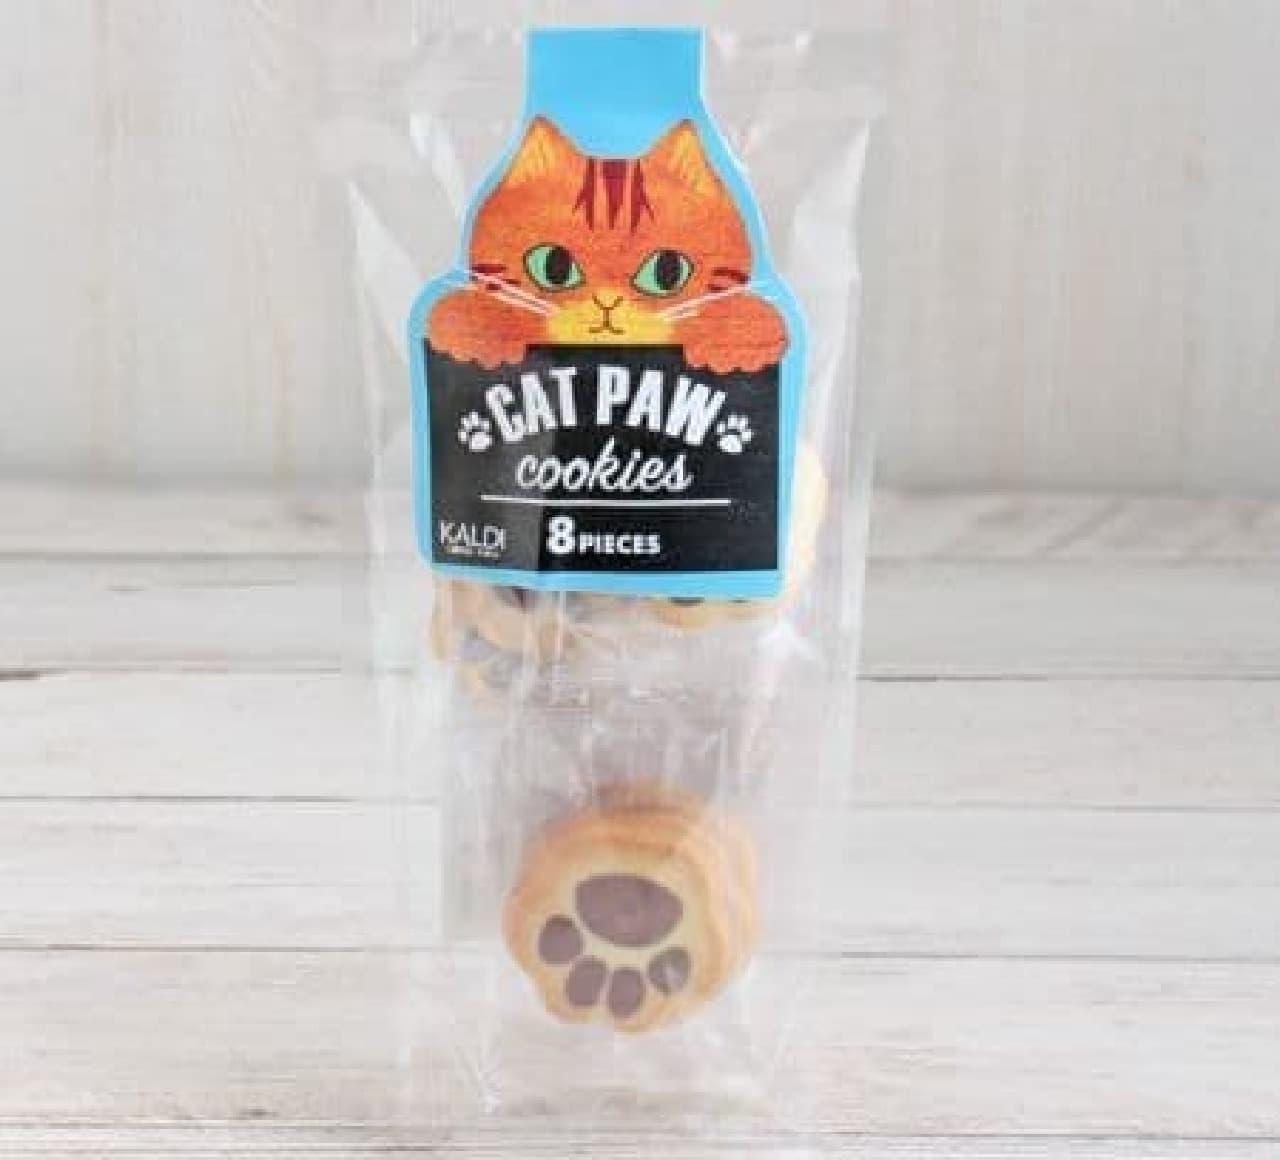 カルディオリジナル ねこの肉球型クッキー